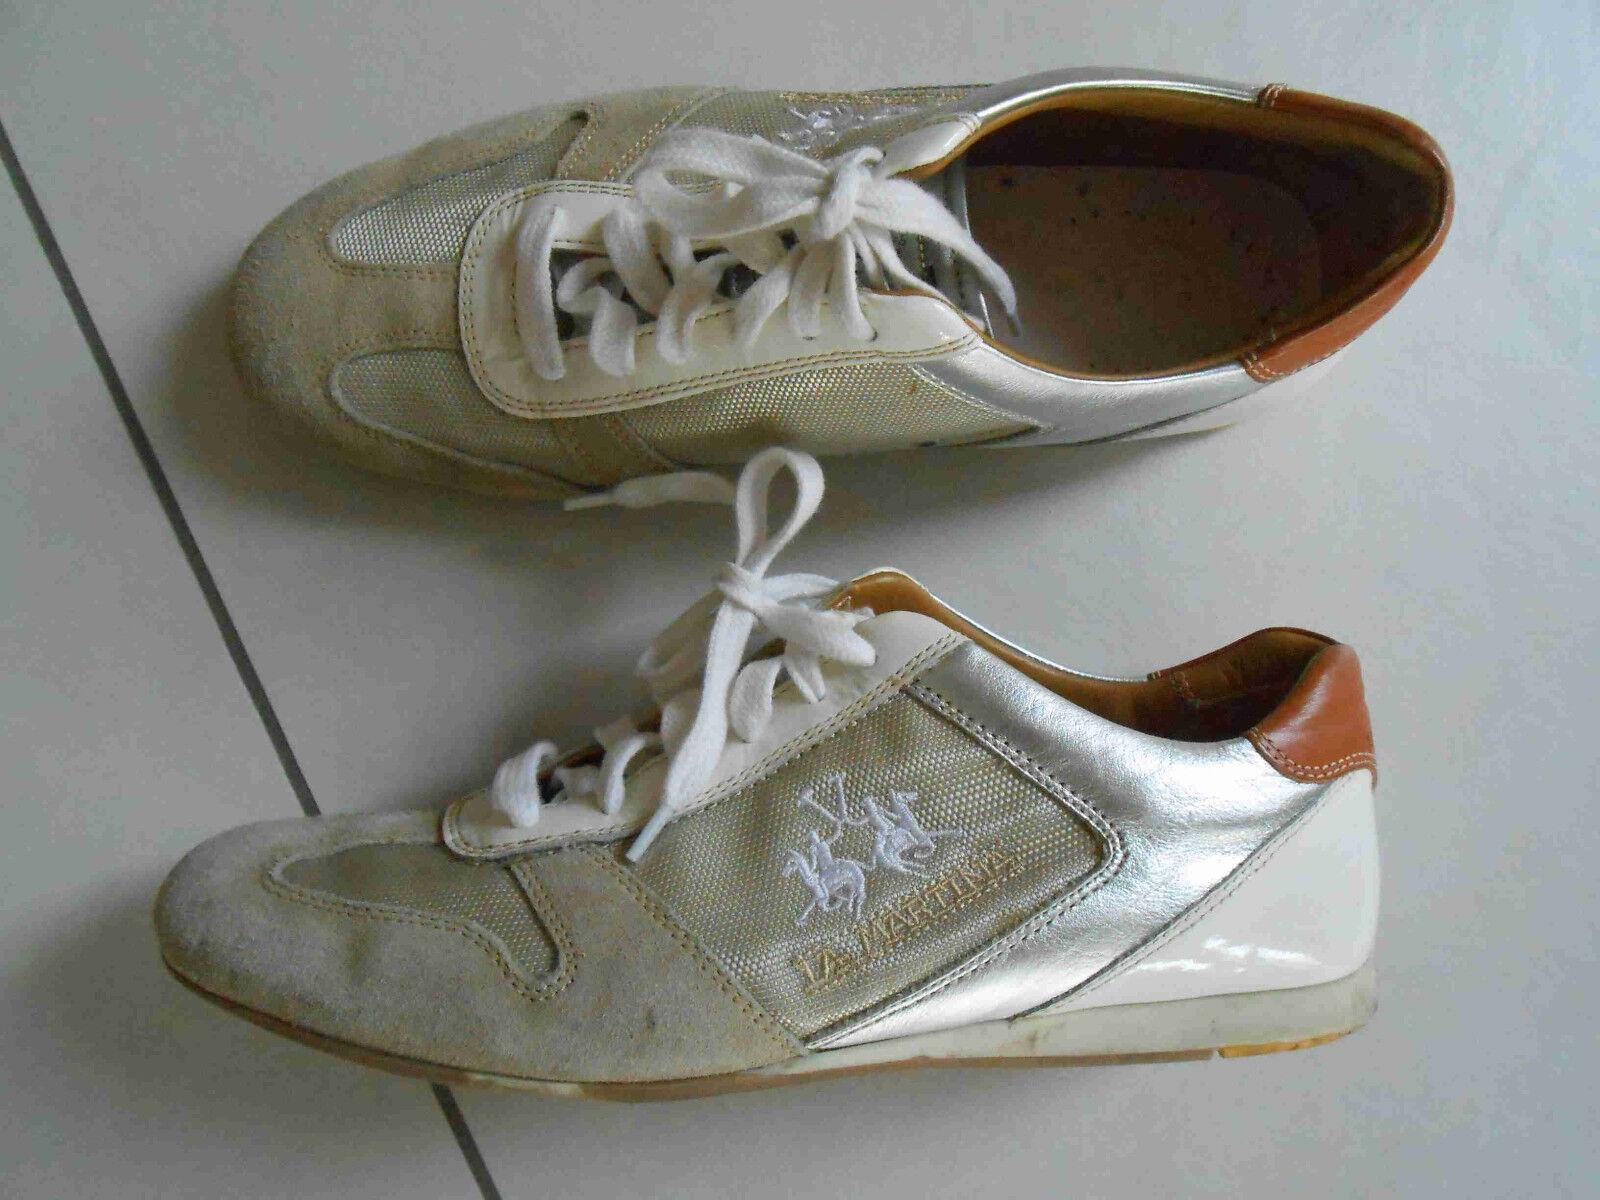 La Martina Sneaker Schuhe 38 Polo Sportschuhe 2x getragen NEUwertig NP